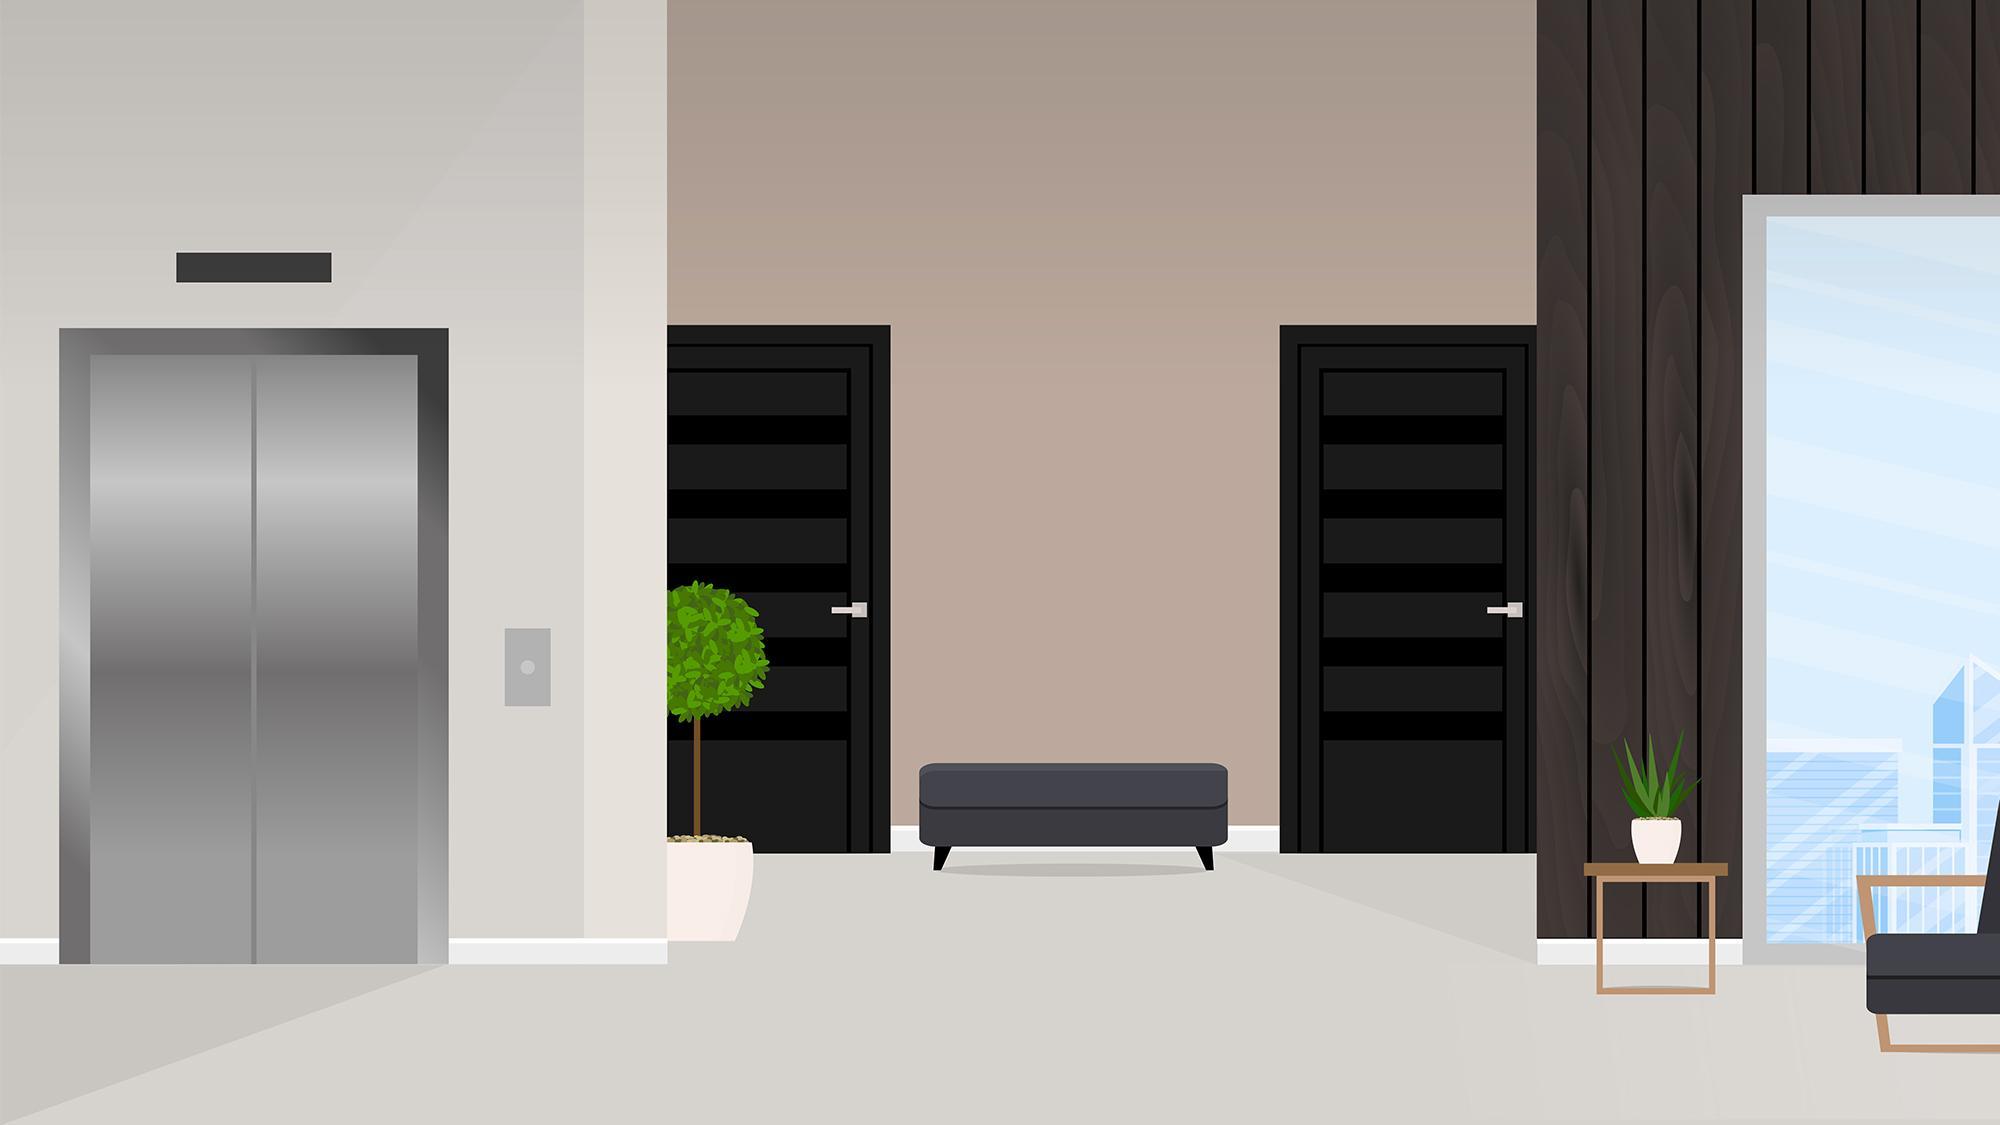 Costo Ascensore Interno 3 Piani ascensori interni, la soluzione per la mobilità domestica e